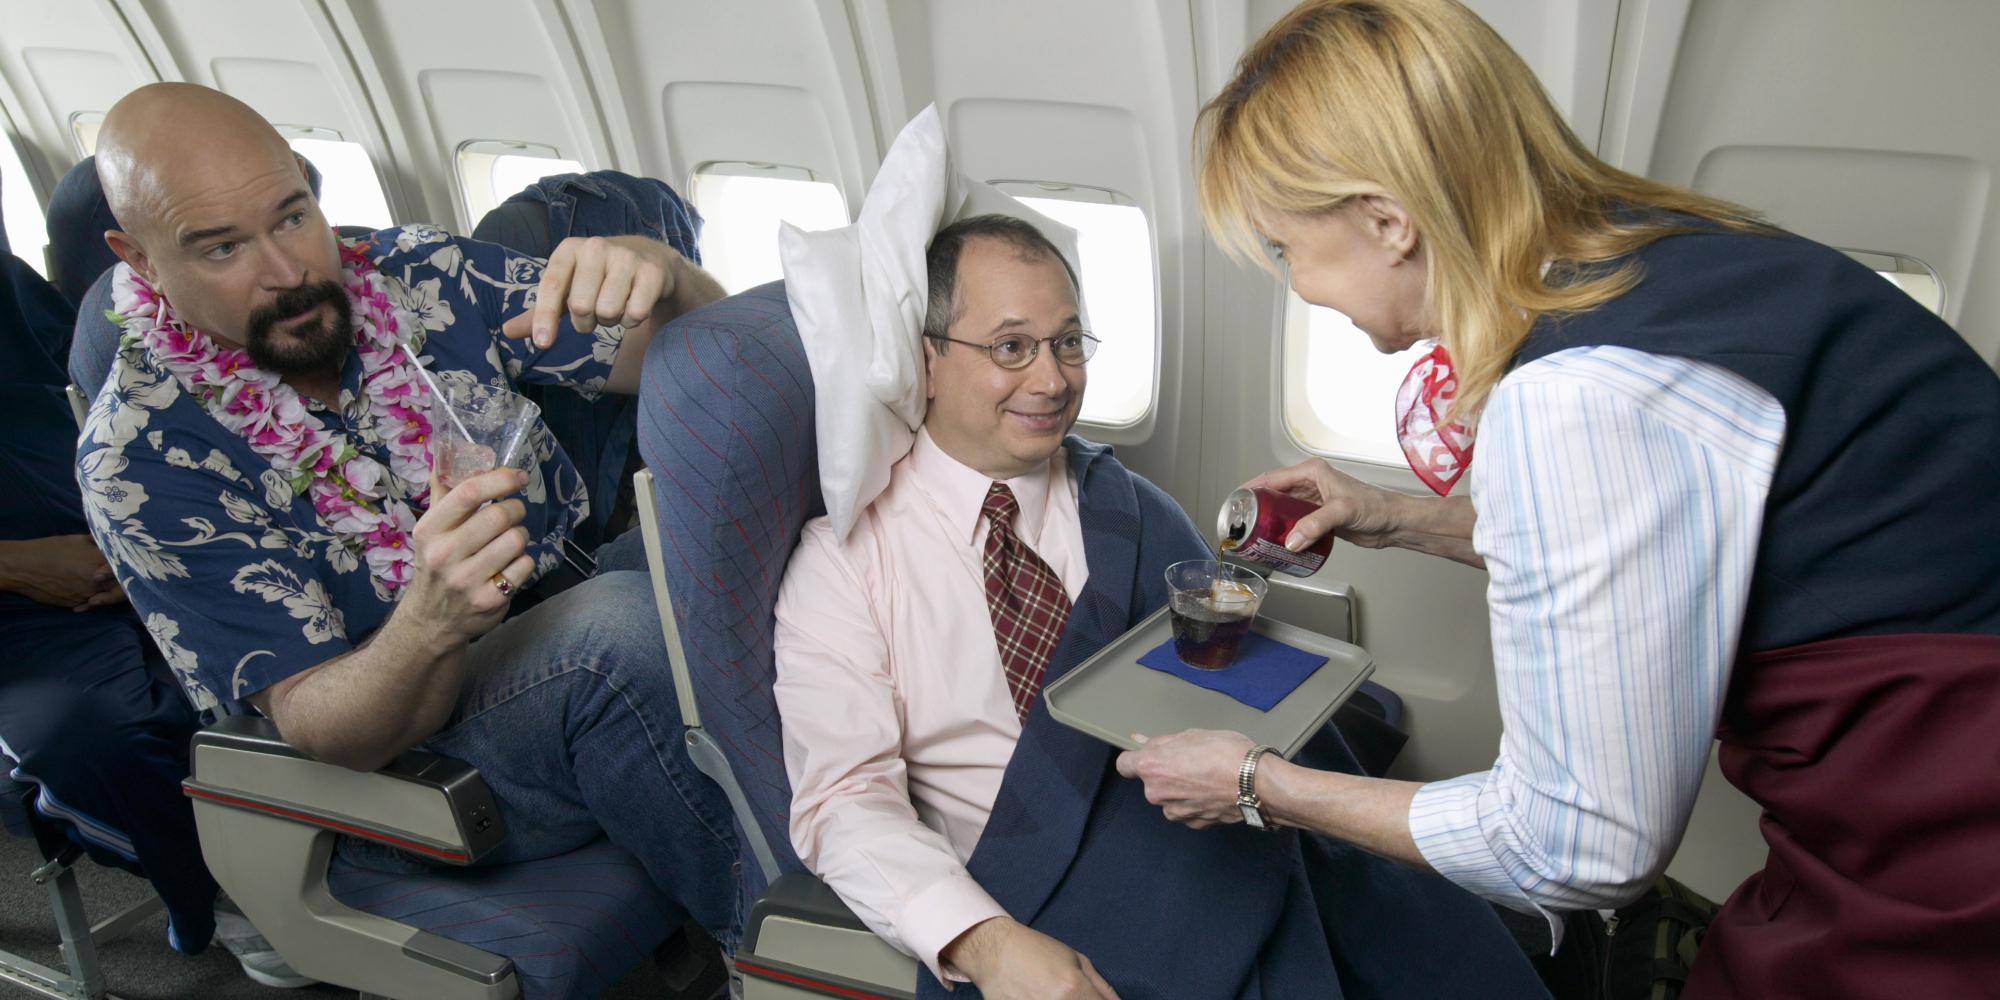 إذا كنت تحب مضيفي الطيران.. فلا تطلب  كوكاكولا دايت  على الطائرة لهذا السبب